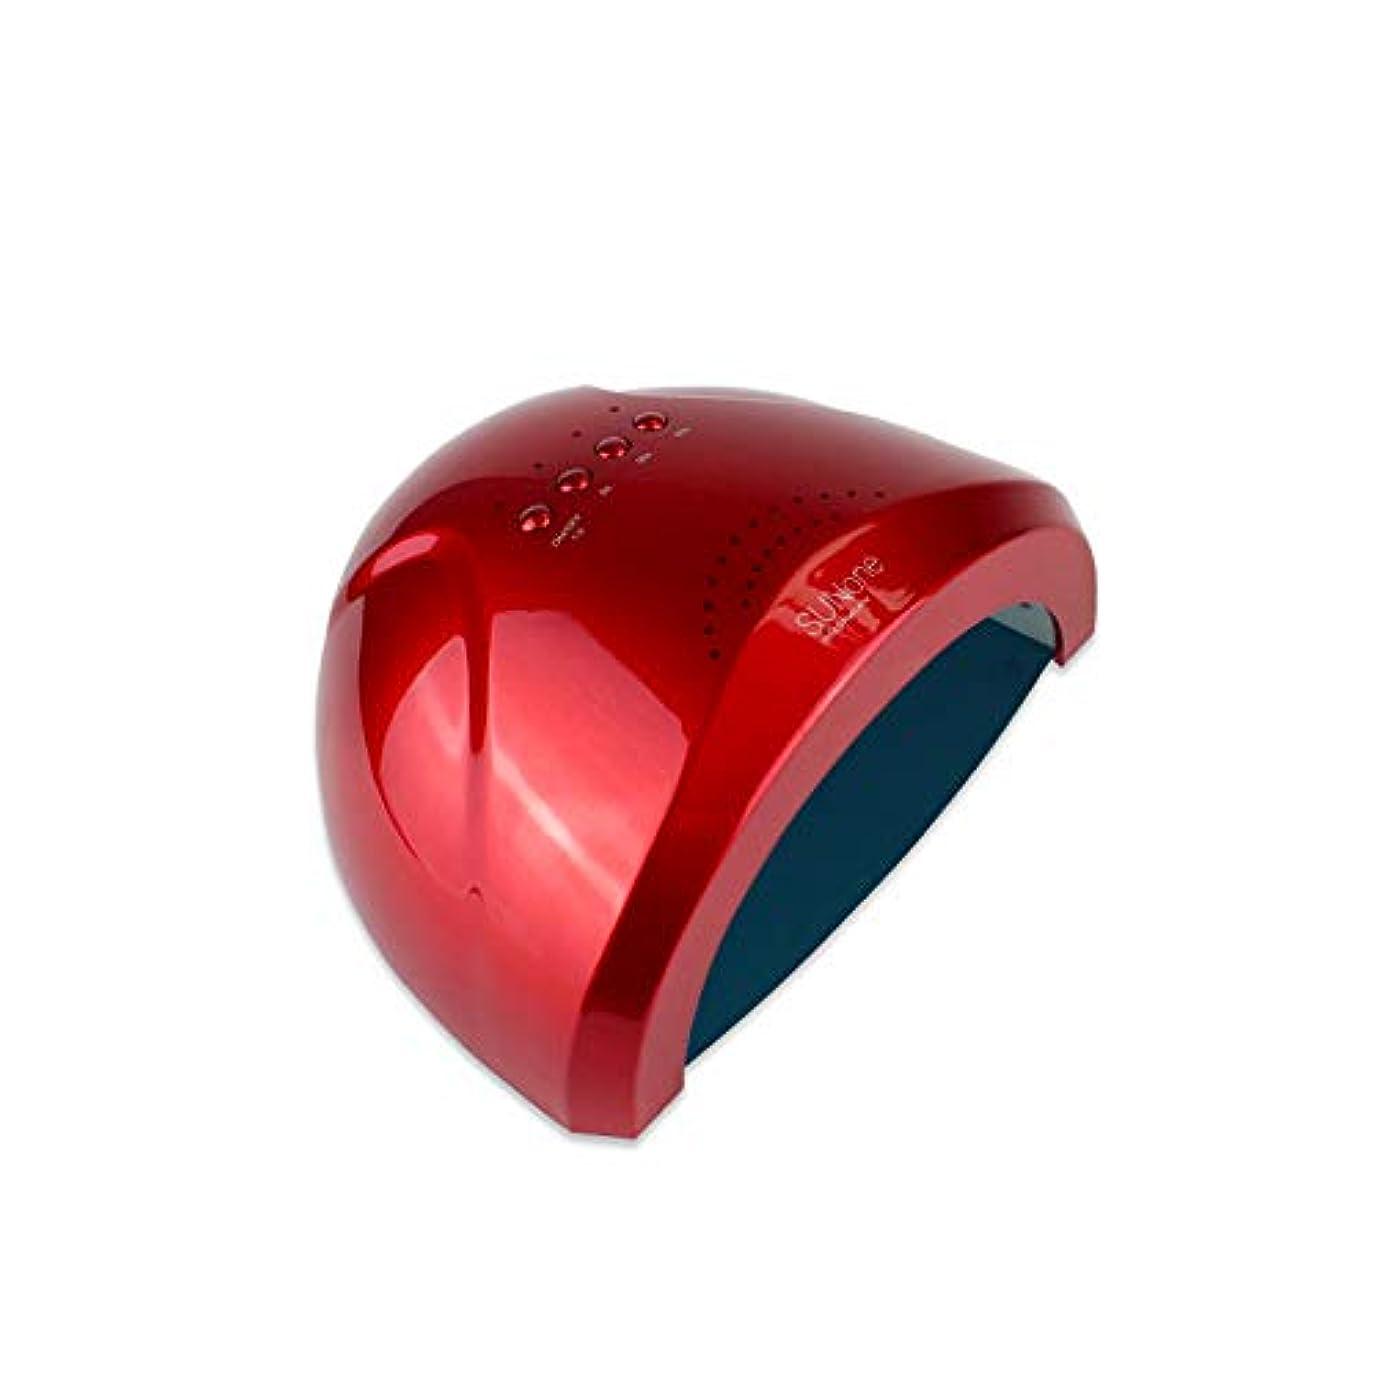 動的提唱するバドミントンLEDネイル光線療法機、ホームインテリジェントセンサー多機能リムーバブルネイルキュアマシン、デュアルソースネイルポリッシャー、ホテル/家族/ホテルに適しています